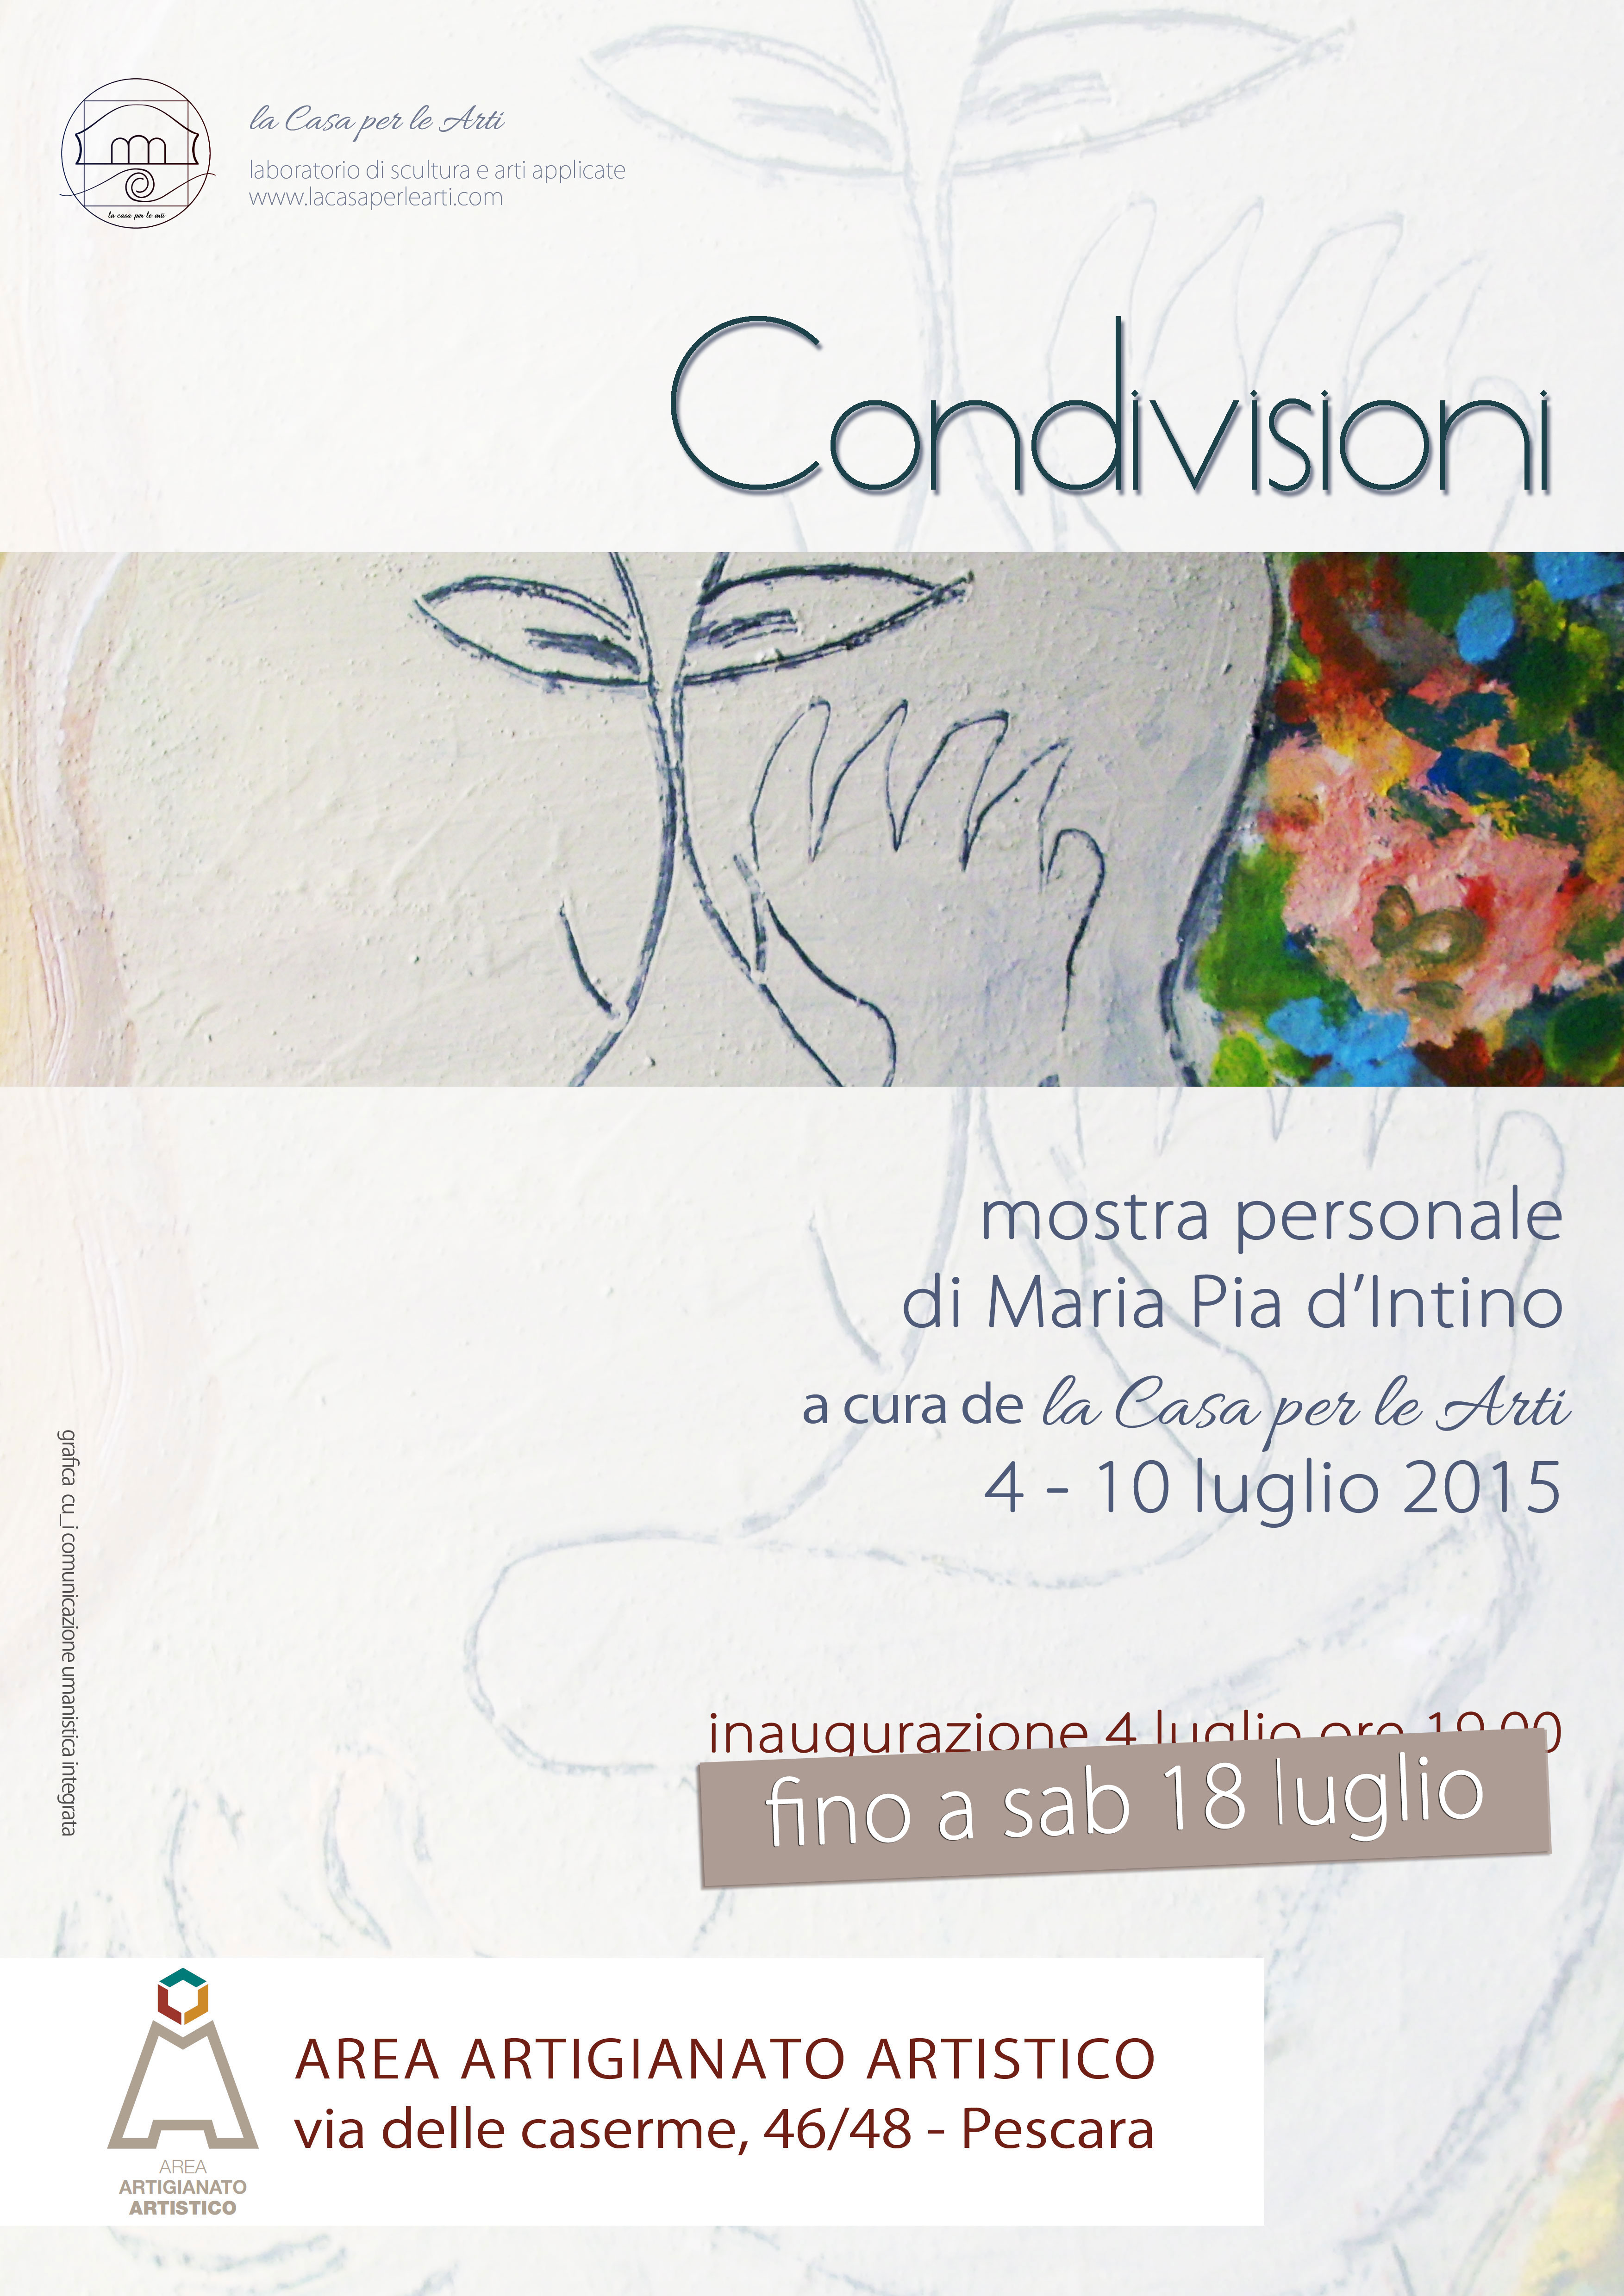 mariapia d intino2 Condivisioni   mostra personale di Maria Pia d'Intino a cura de la Casa per le Arti 4   18 luglio 2015 pittur mostra pittura maria pia dintino